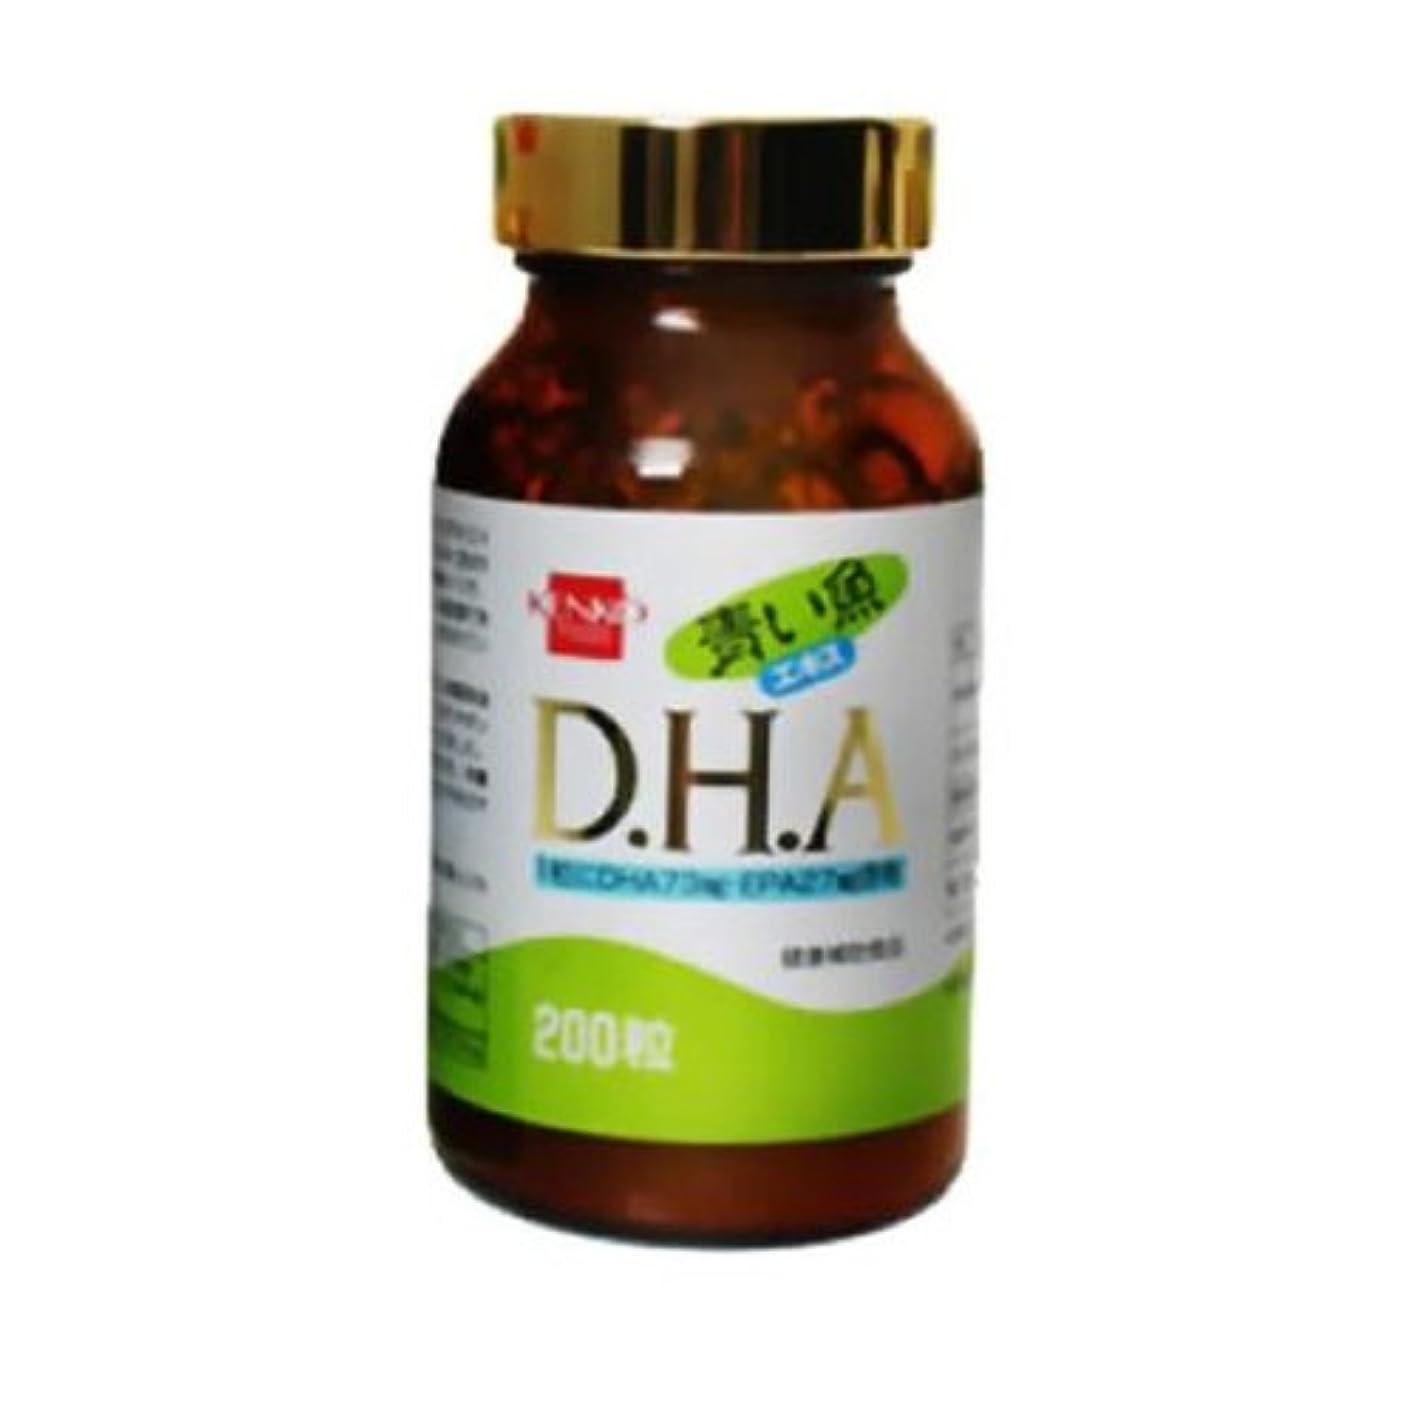 燃やす条件付き嫌い青い魚エキス DHA EPA 200粒